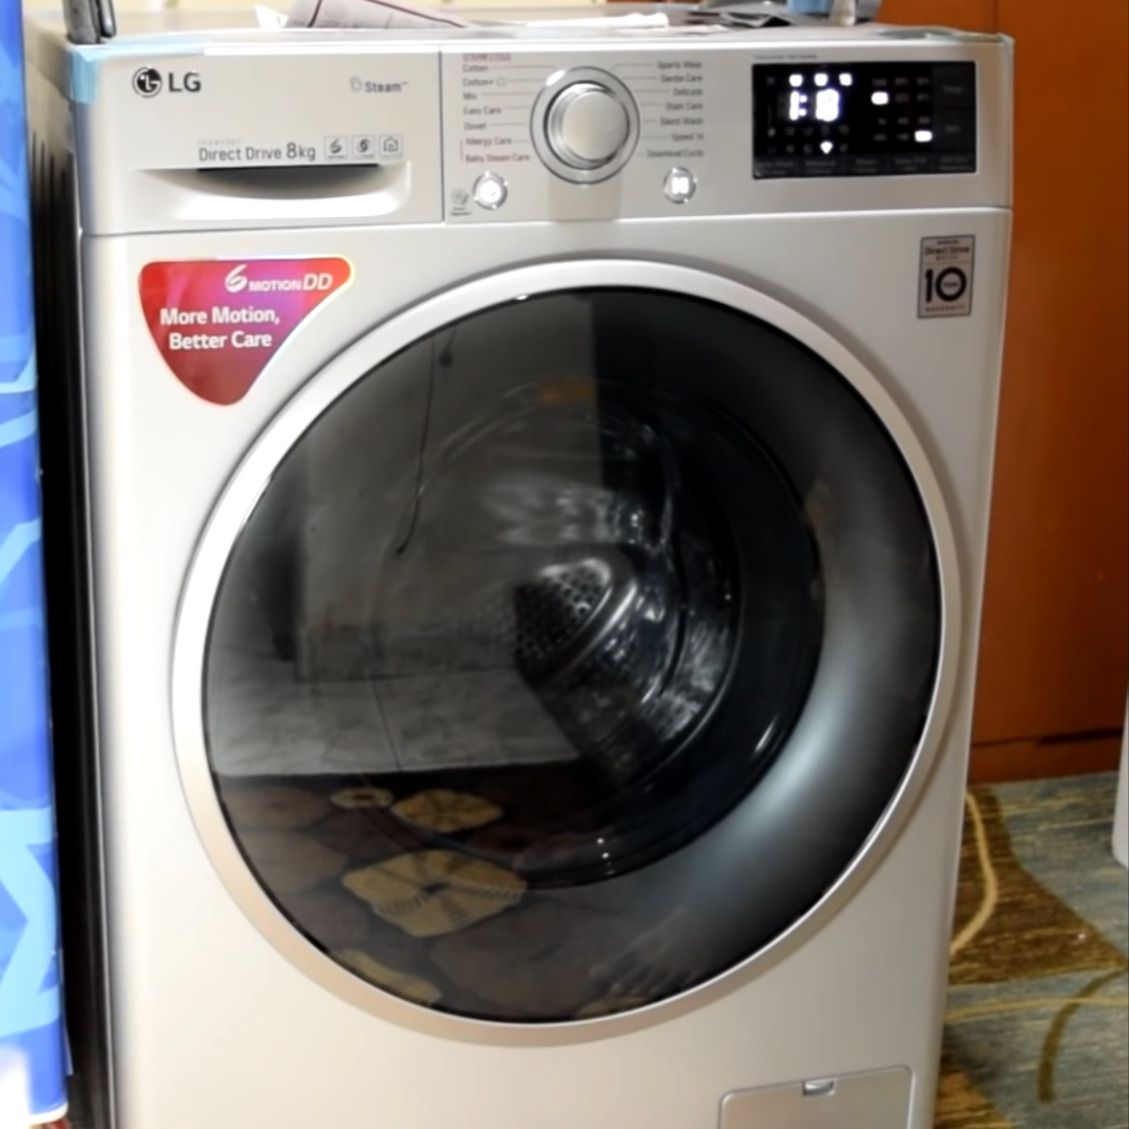 Washing Machine Hose Filter In 2020 Washing Machine Hand Washing Machine Washing Machine Hose